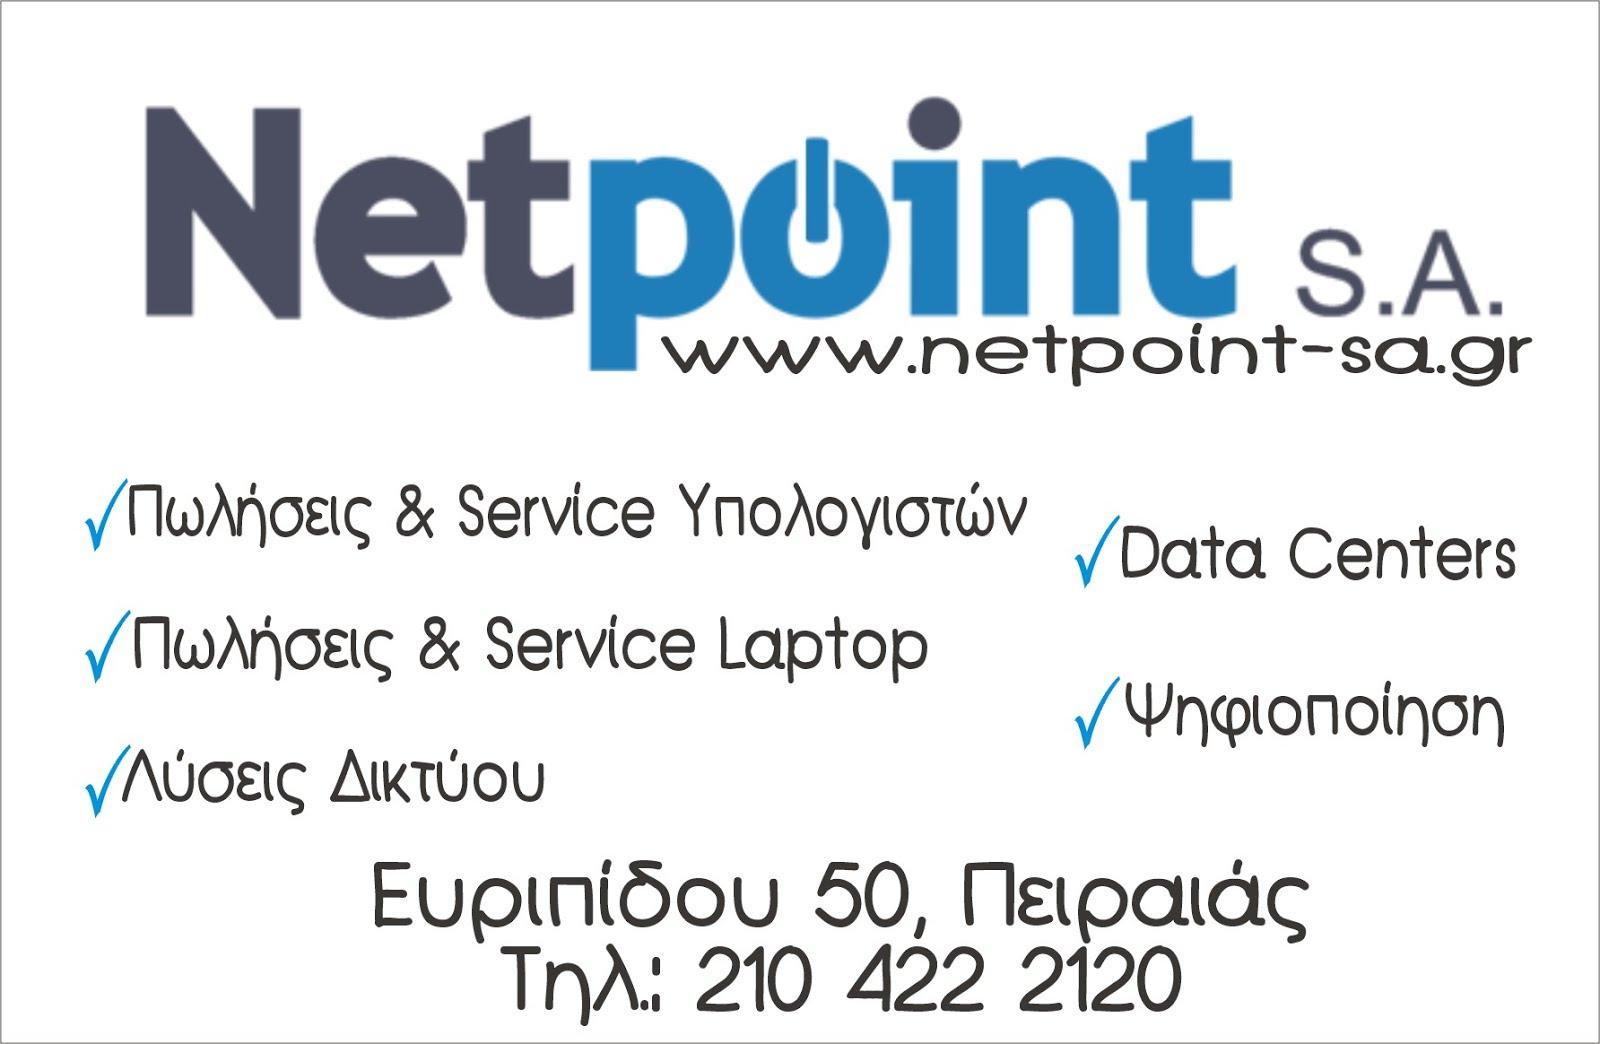 Κάντε κλικ στη Netpoint